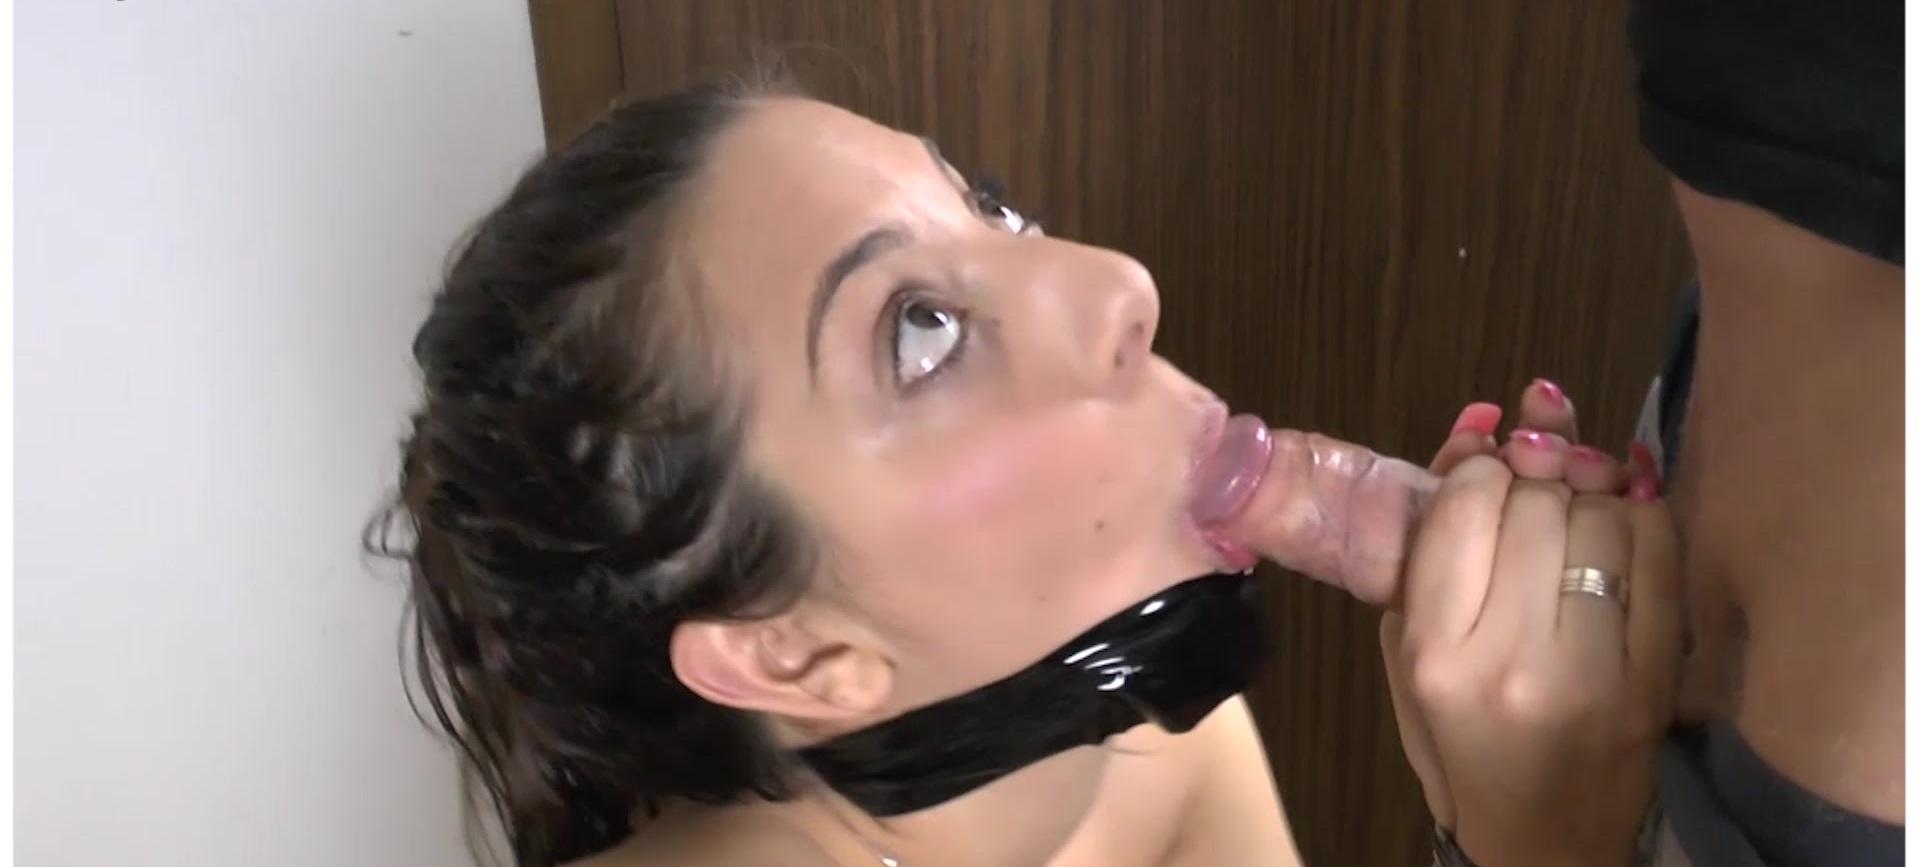 My Dirty Hobby - Deutscher Amateur Bondage - Gefesselt und Benuzt!